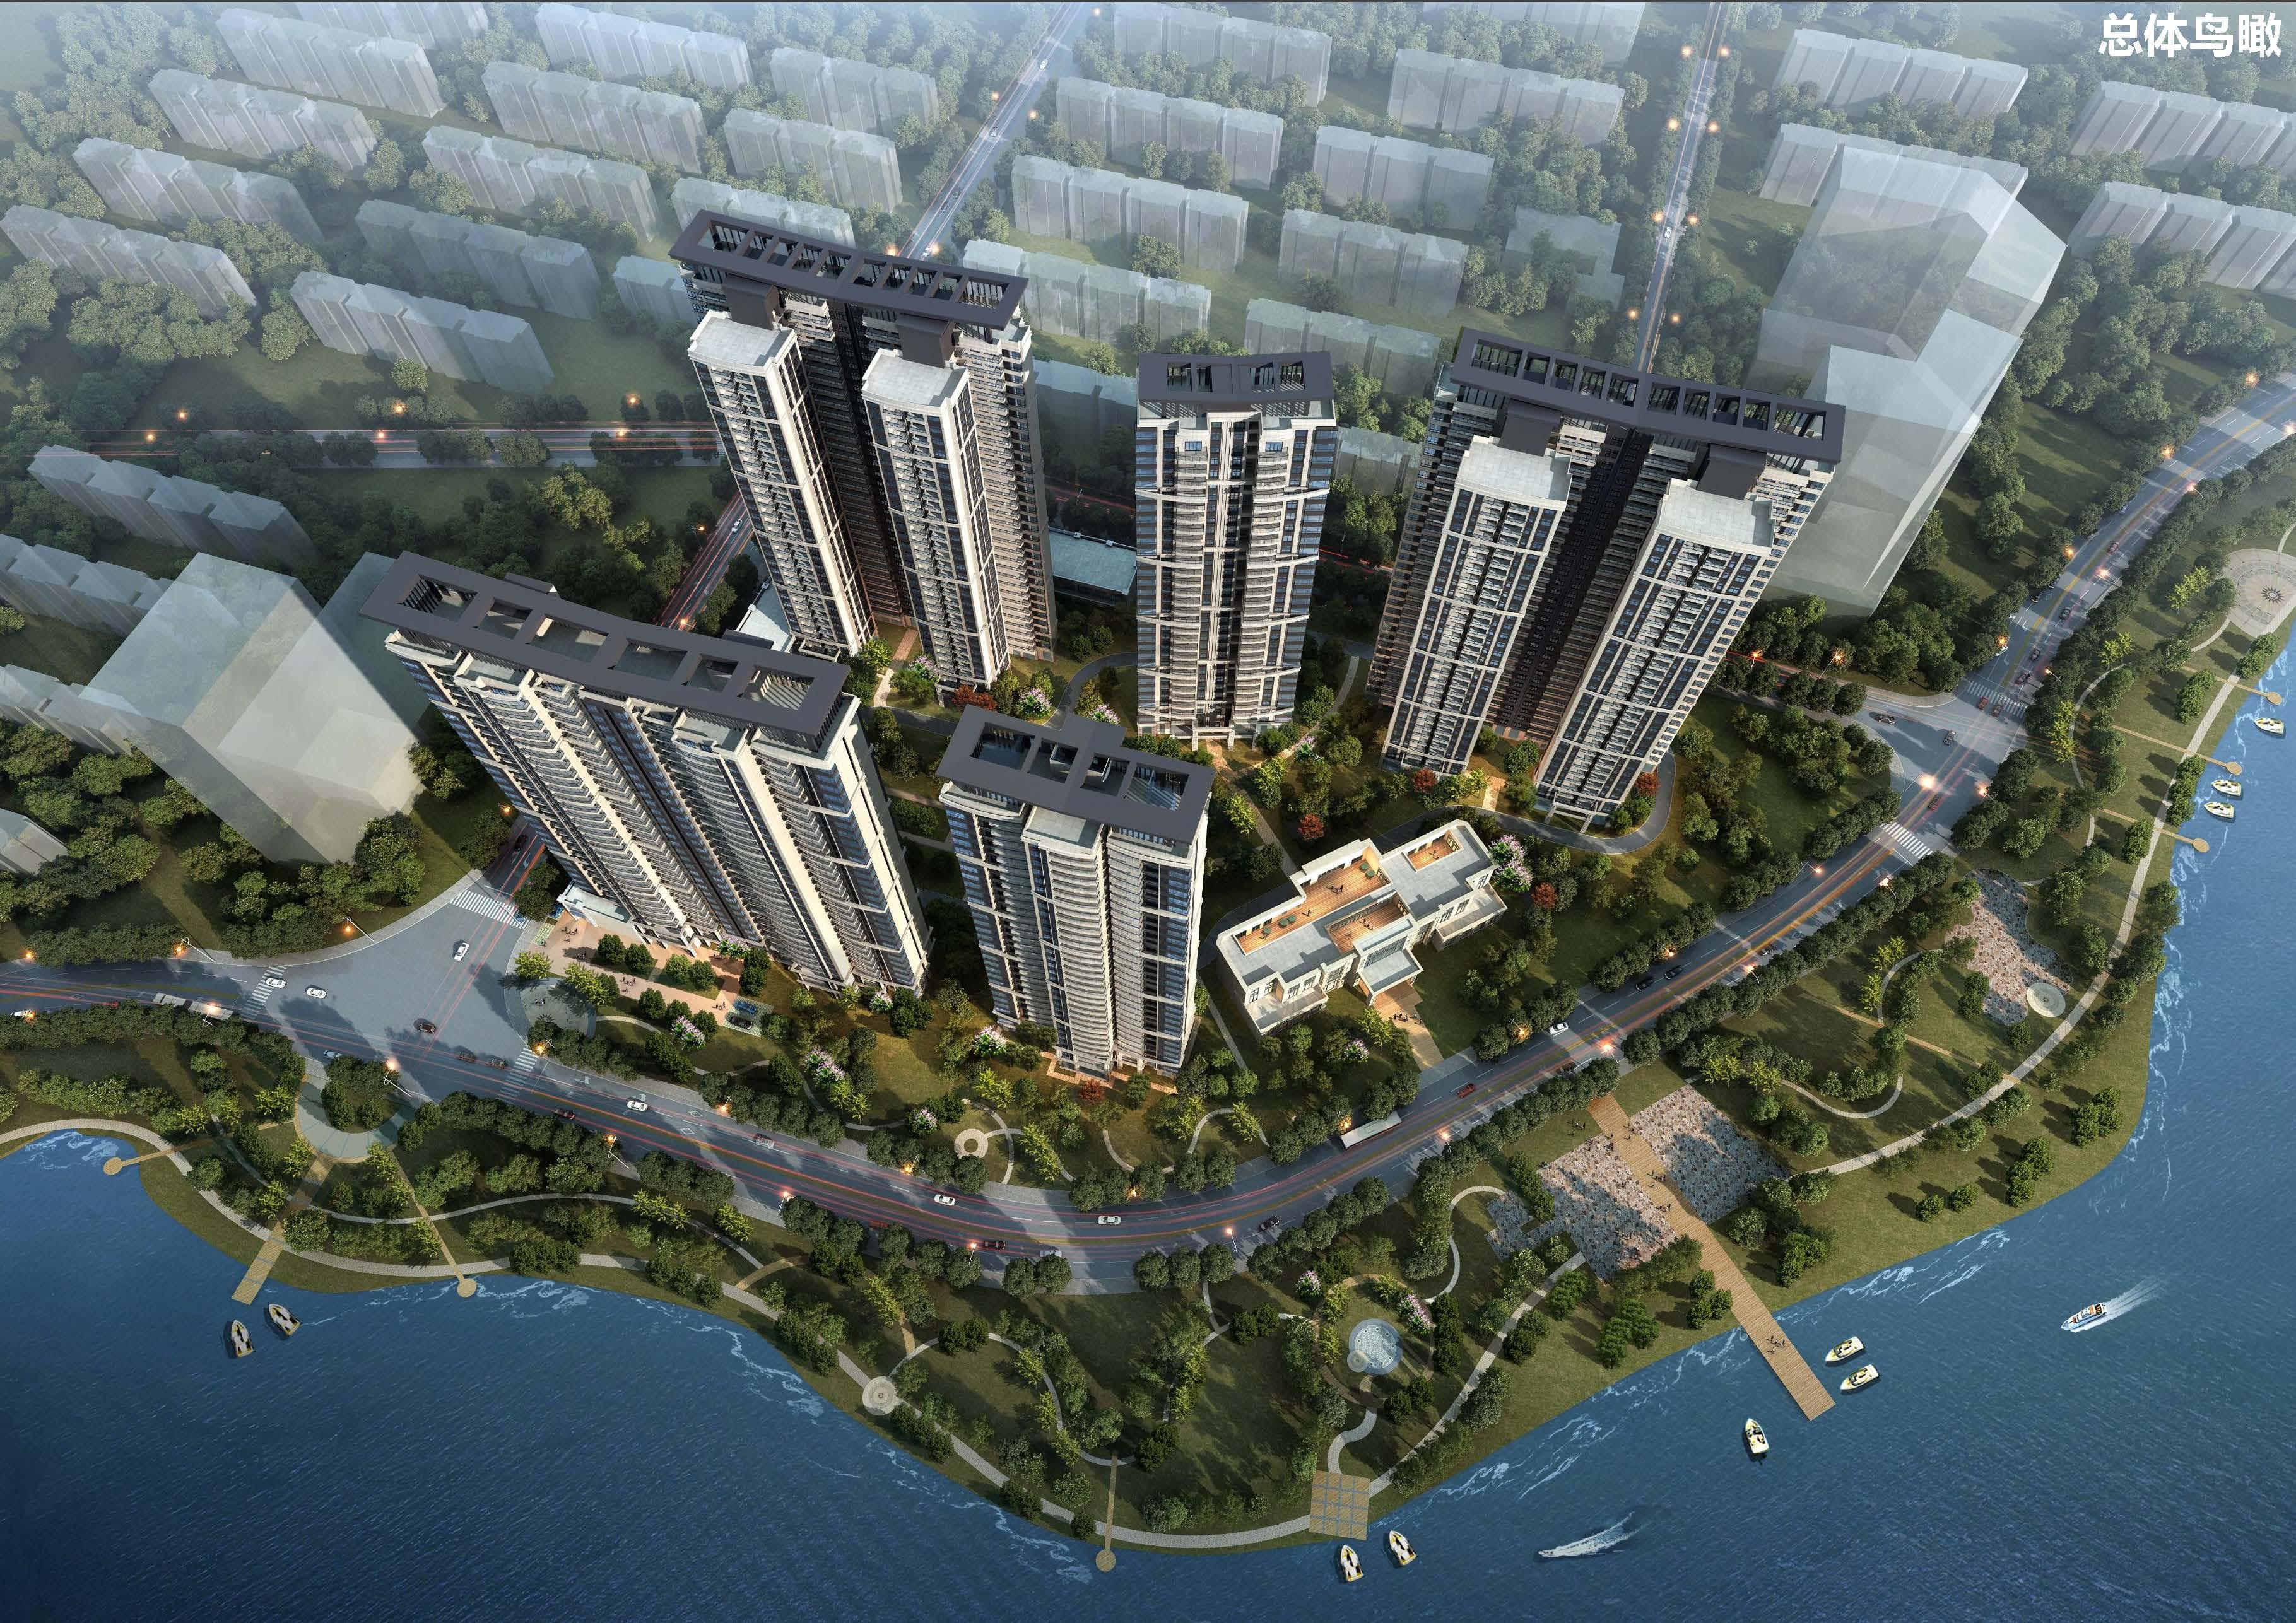 湘林高桥项目鸟瞰图